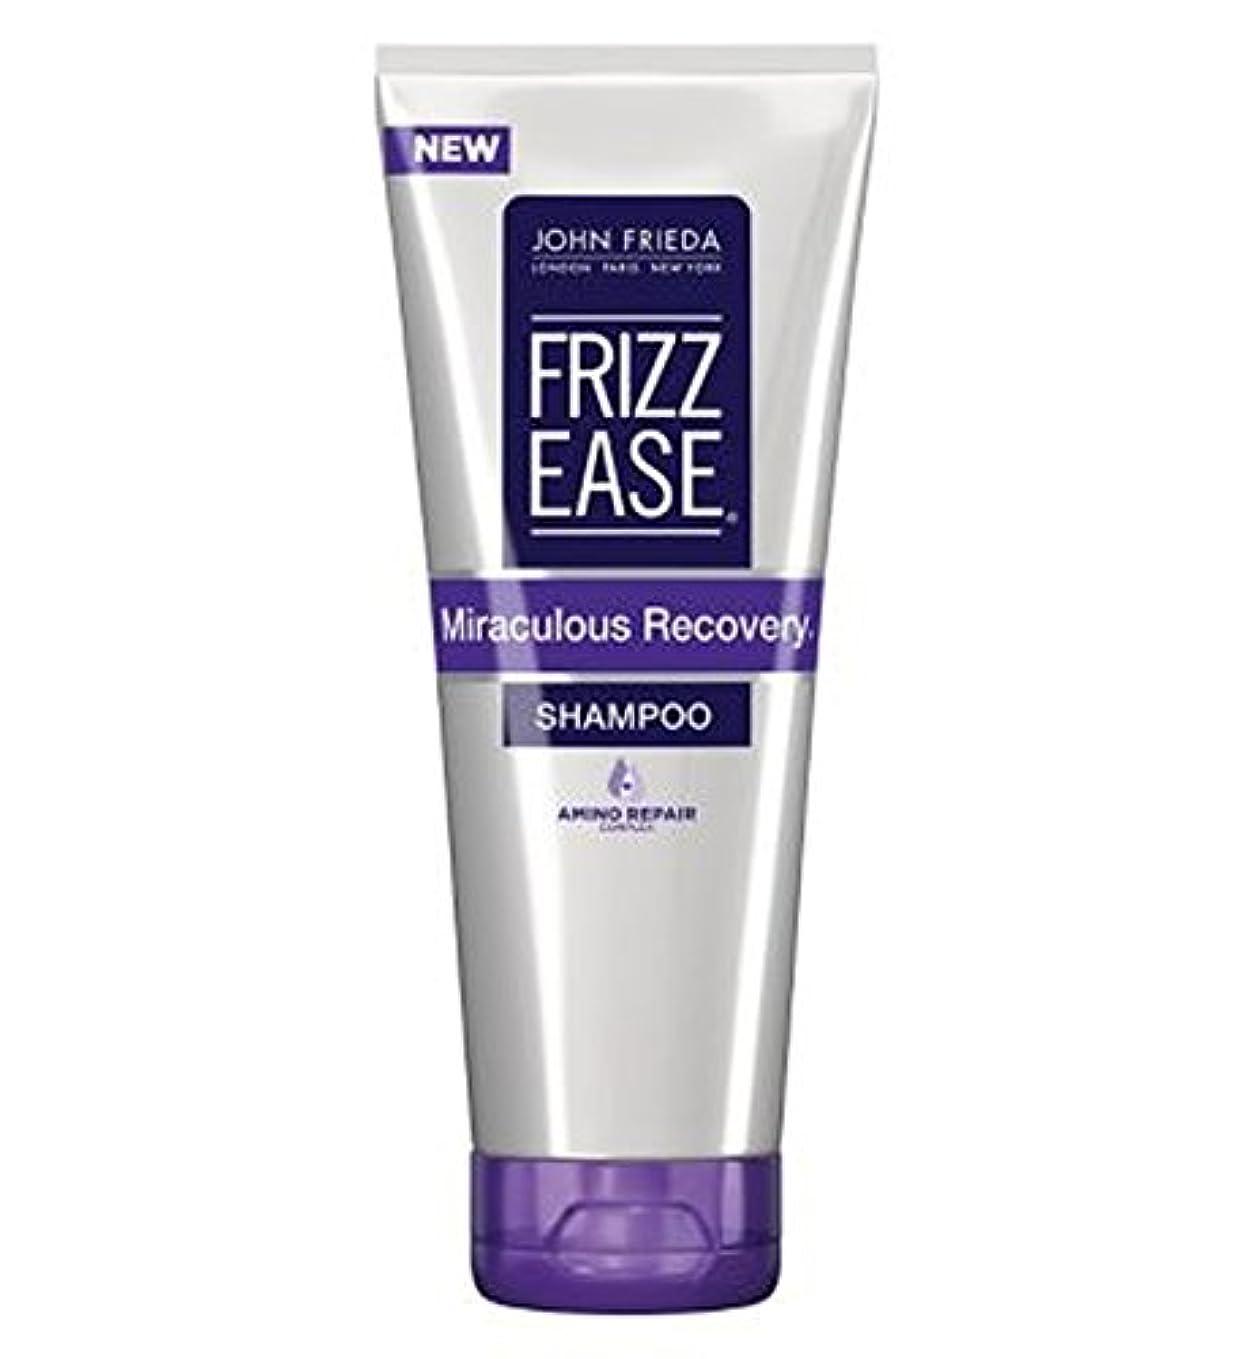 付録人事類推John Frieda Frizz Ease Miraculous Recovery Shampoo 250ml - ジョン?フリーダ縮れ容易奇跡的な回復シャンプー250ミリリットル (John Frieda) [並行輸入品]